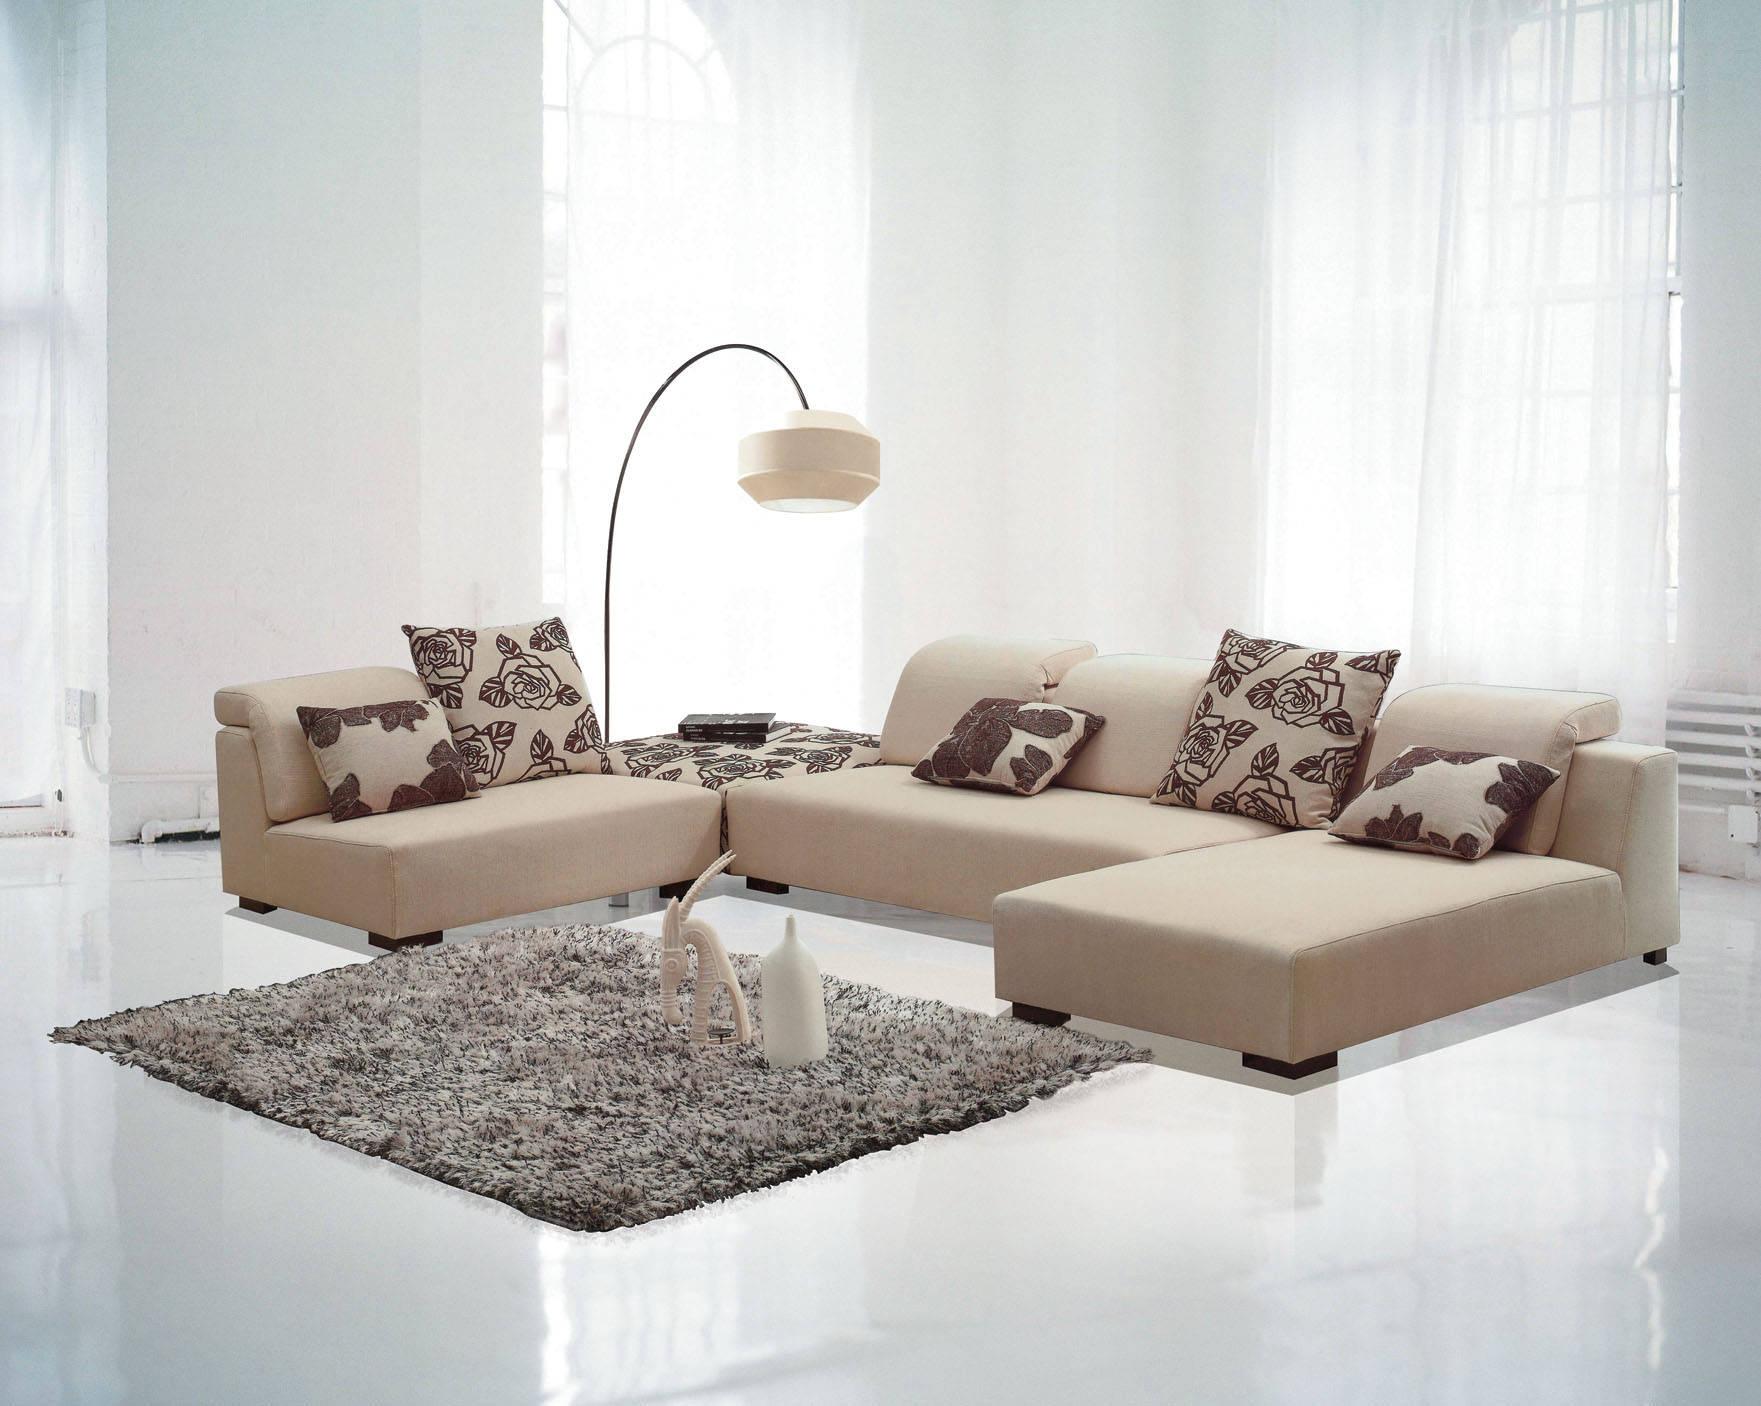 现代简约休闲转角休闲布艺沙发 顺德直销客厅家具D911#B